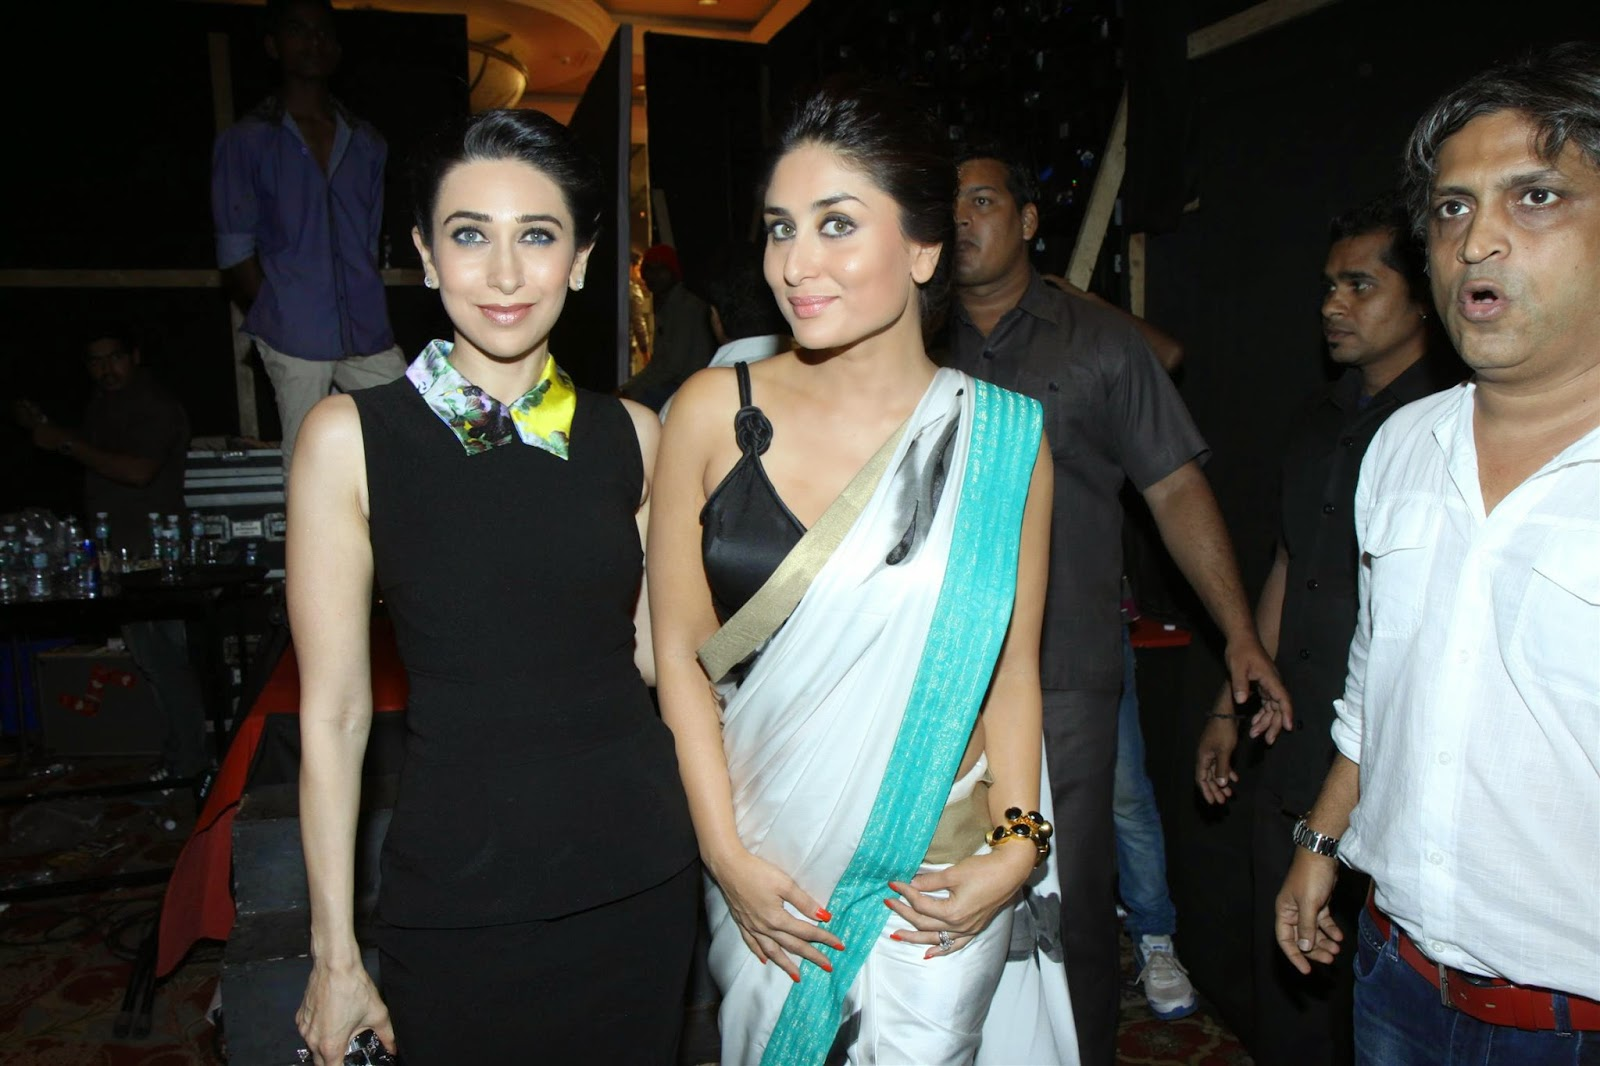 http://4.bp.blogspot.com/-OtQmEL3BaQg/U53y80XGtTI/AAAAAAAApT4/5rIuZM17WVs/s1600/Kareena+Kapoor+at+A+R+Rahman+Music+Concert+Images.JPG